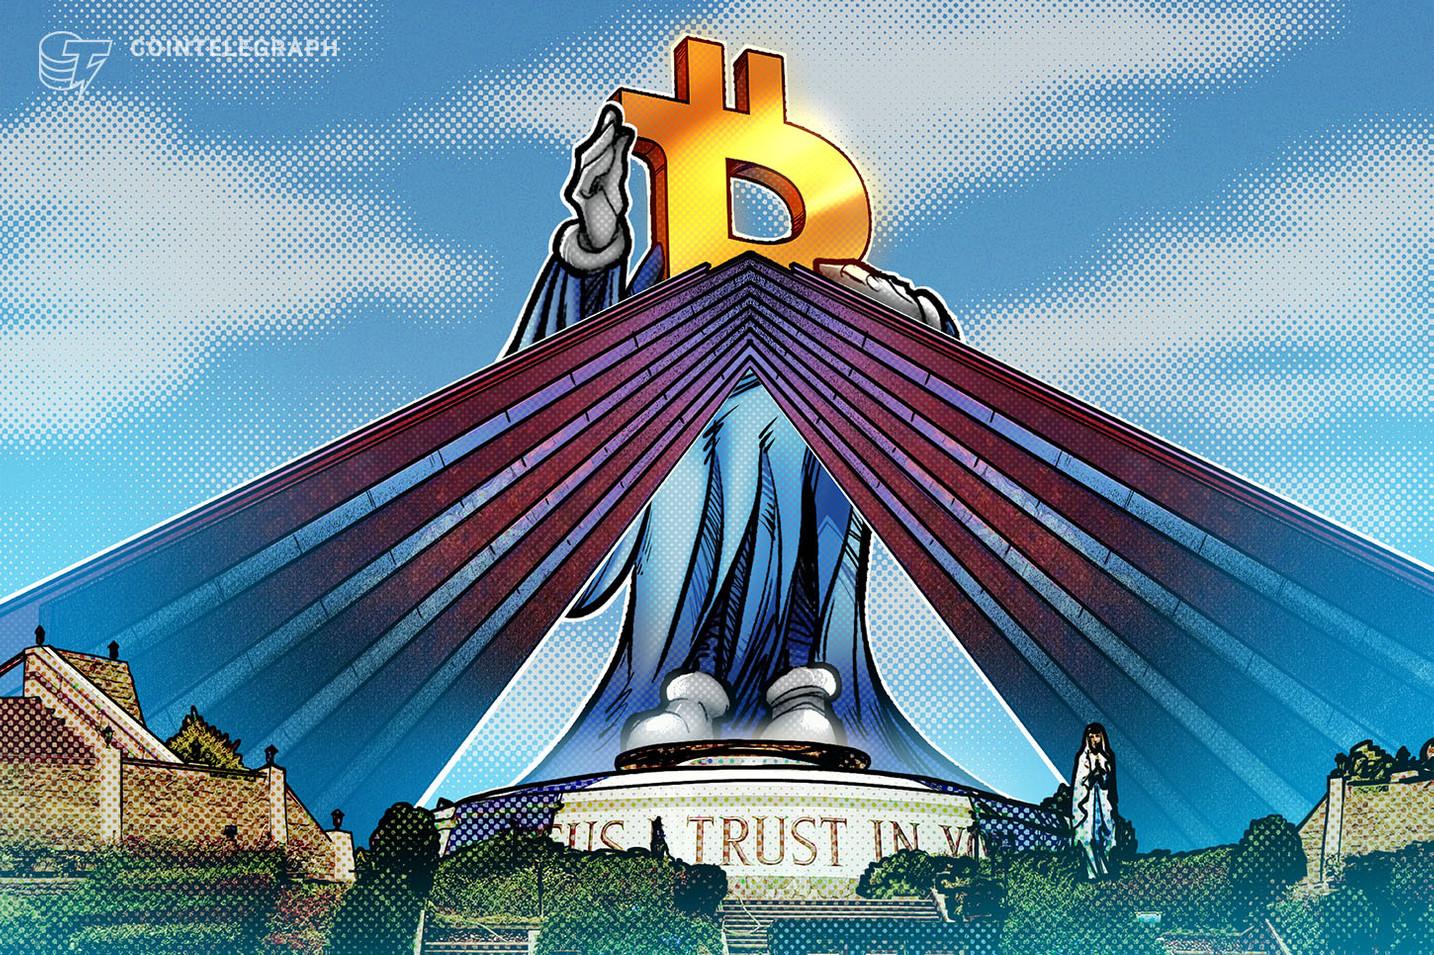 El Salvador: Investitori di Bitcoin esentati dalle tasse